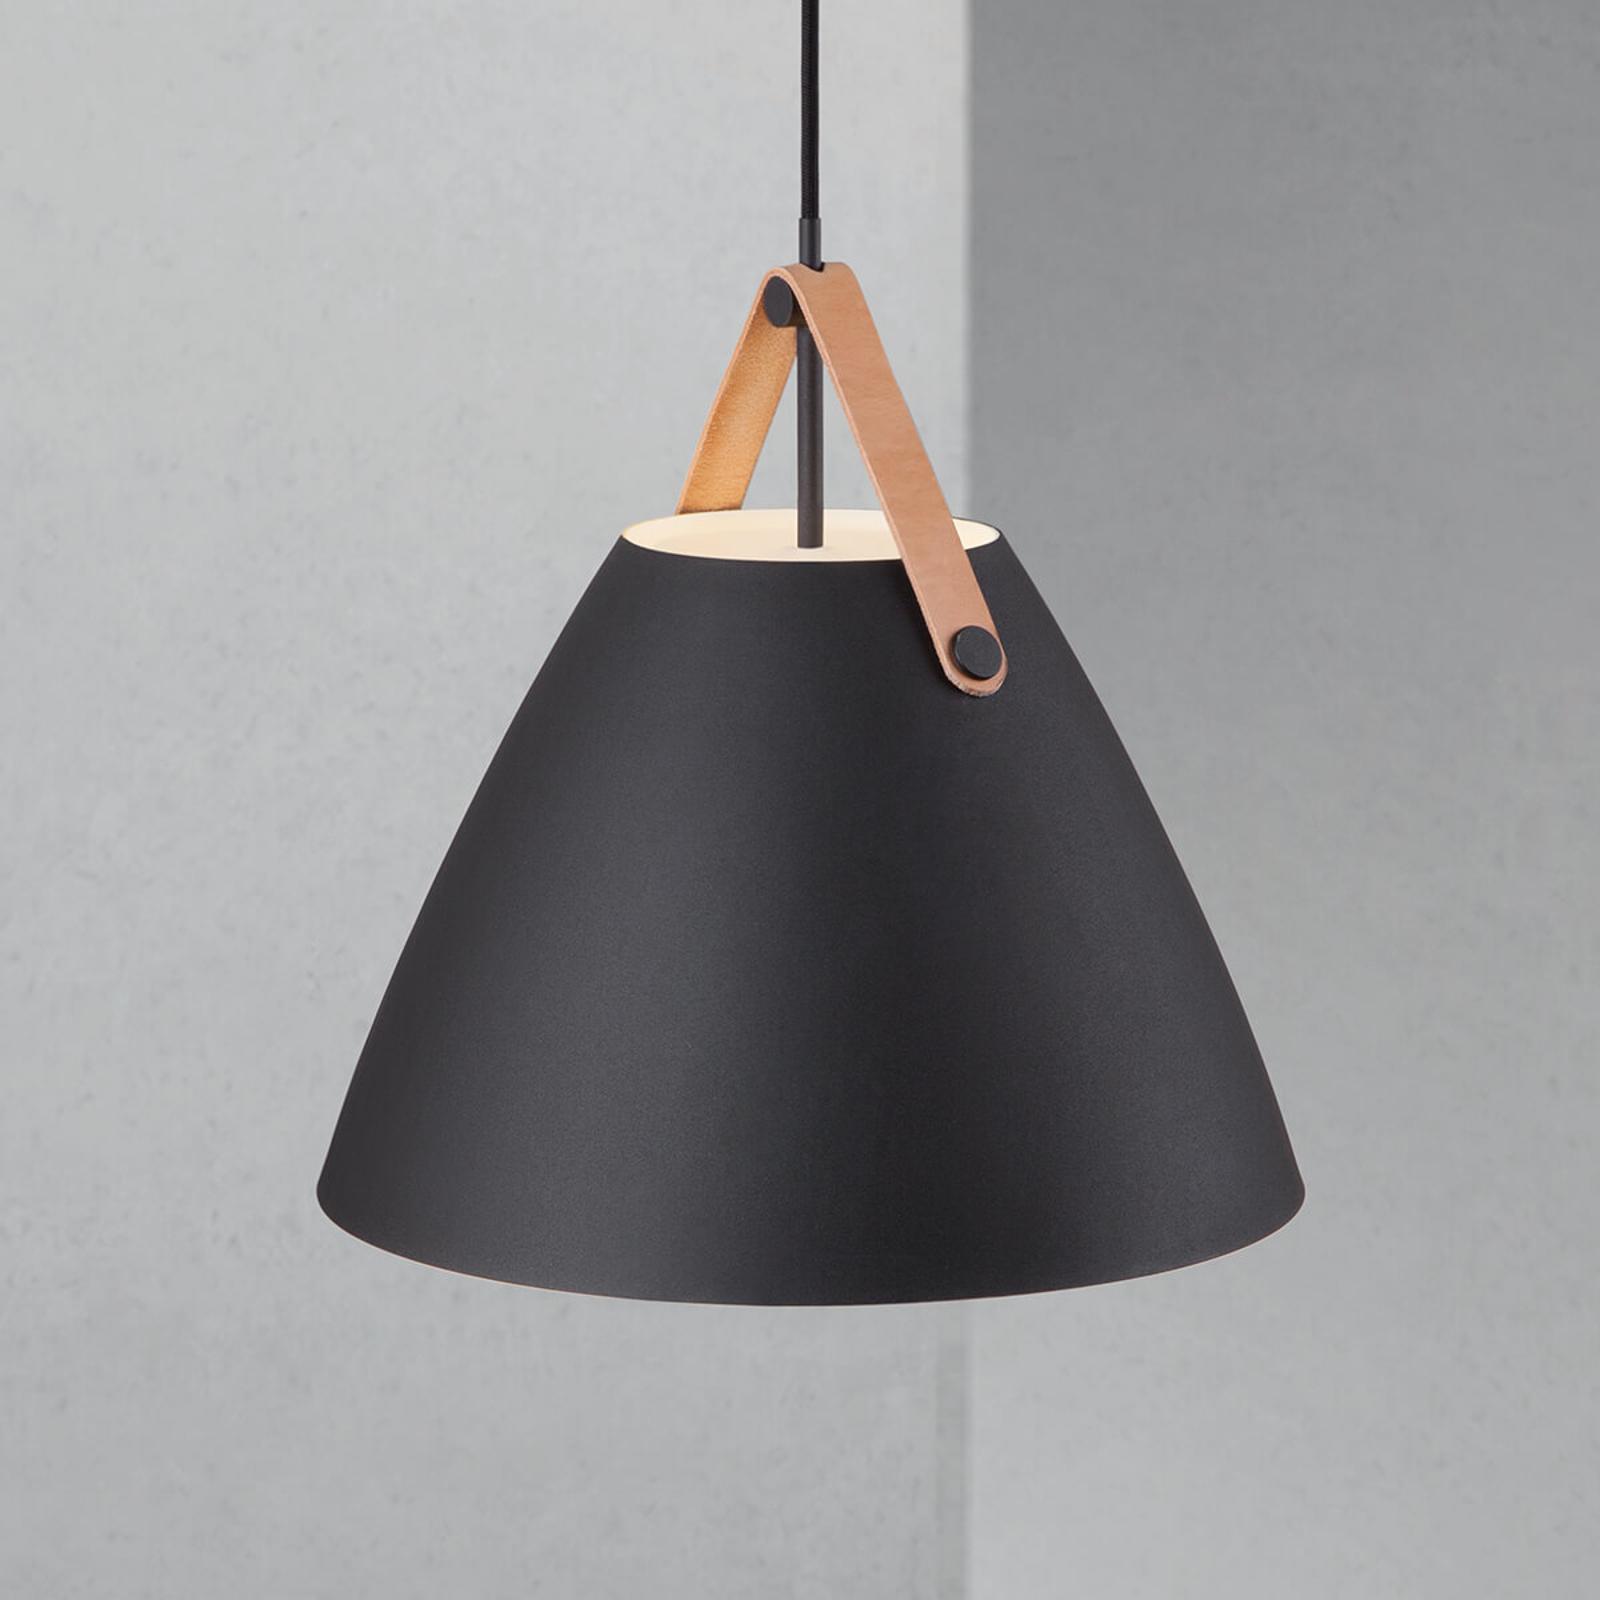 Lampa wisząca LED Strap ze skórzanym zawieszeniem